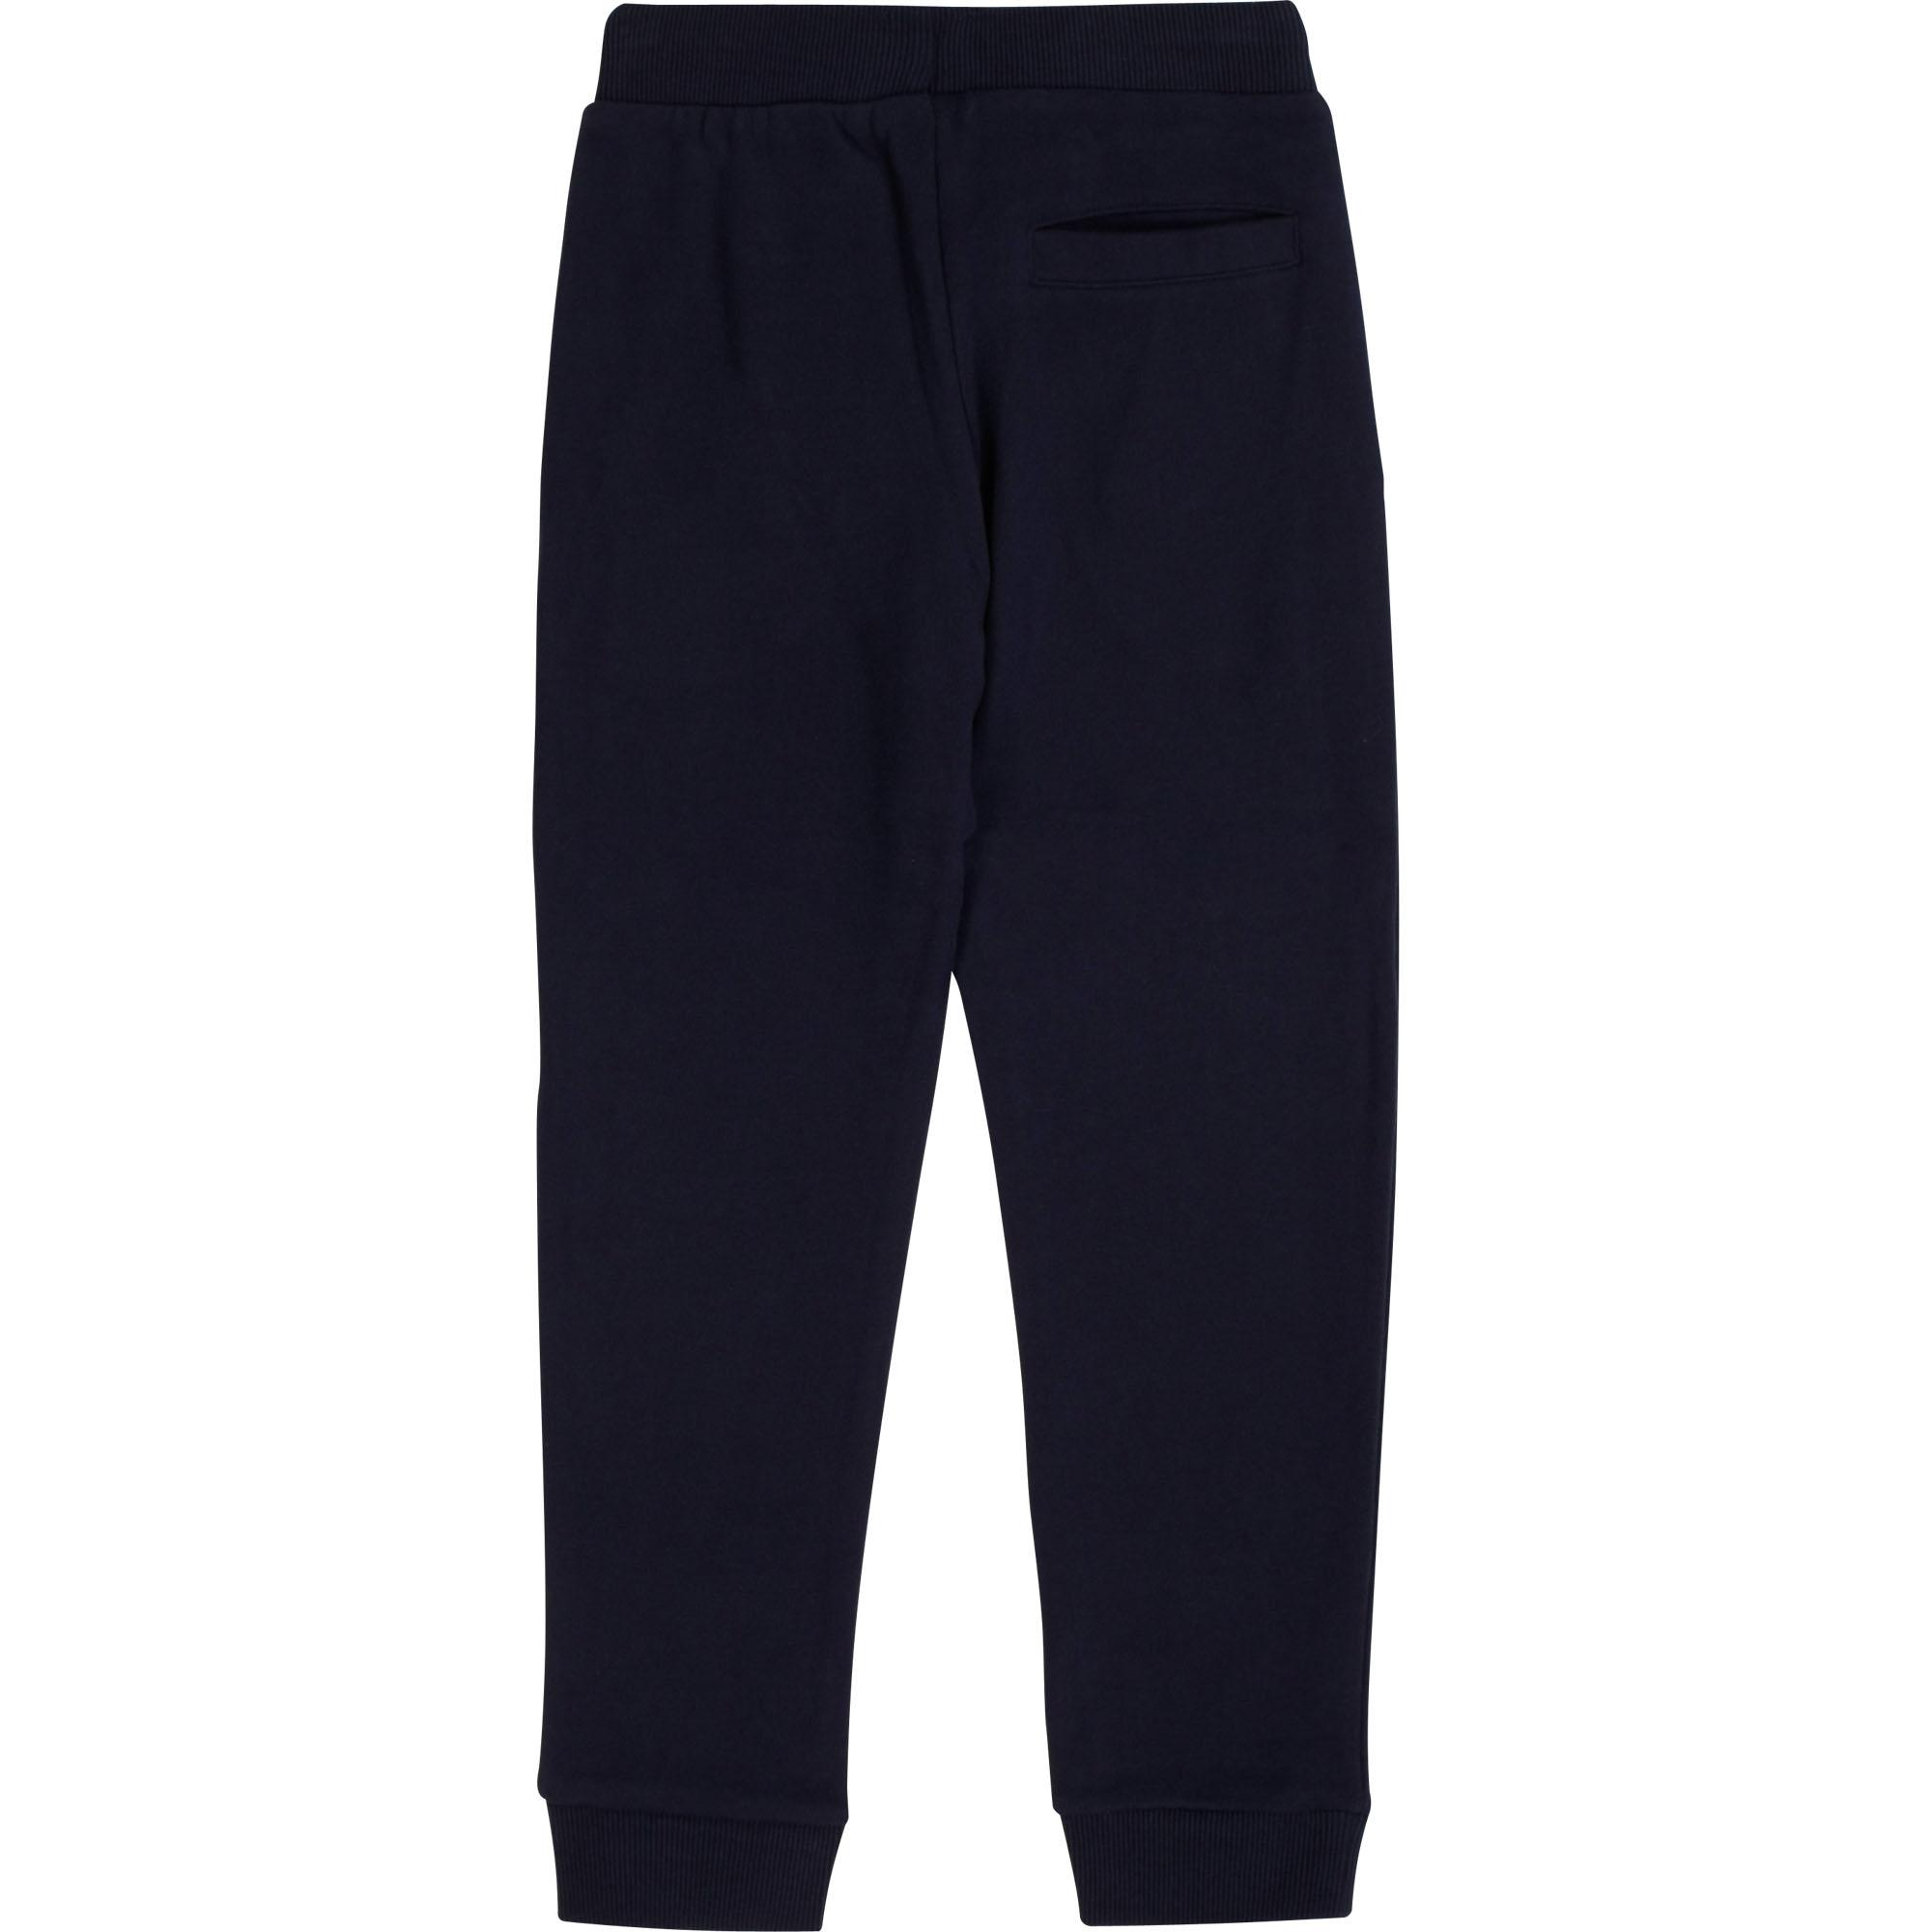 Pantalon de jogging molleton TIMBERLAND pour GARCON